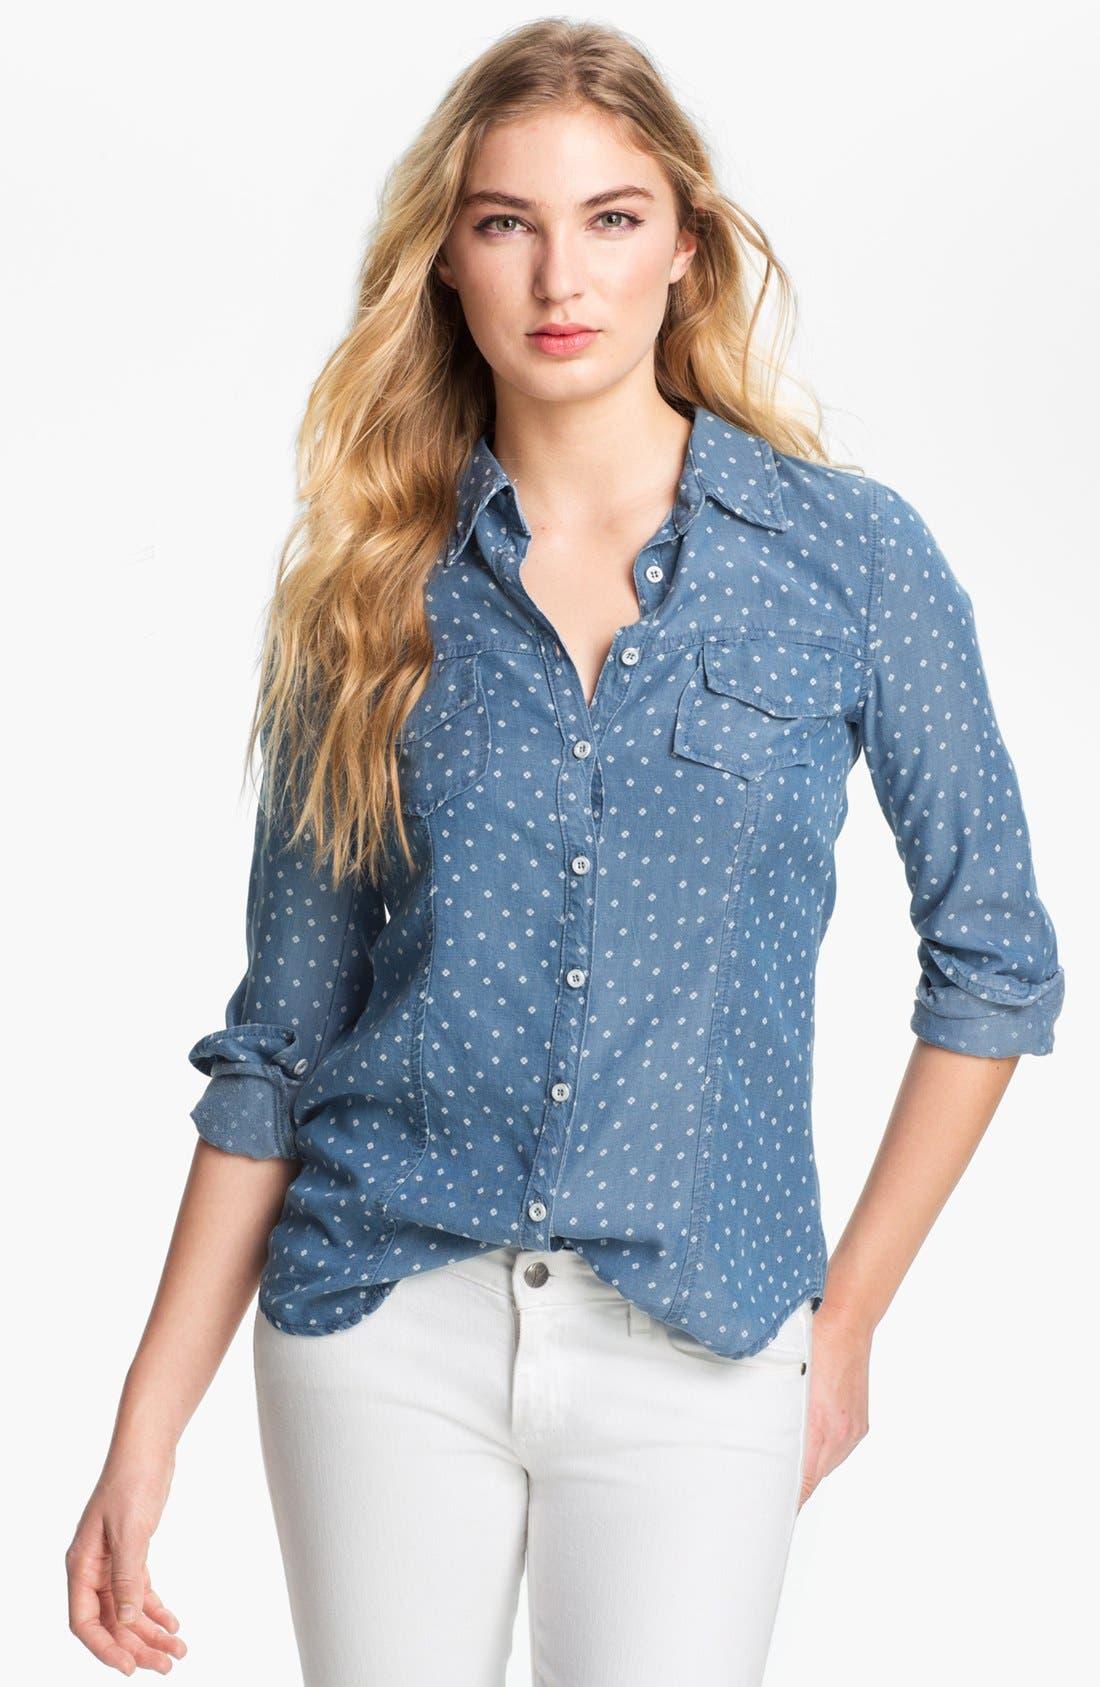 Main Image - Splendid Ditsy Print Chambray Shirt